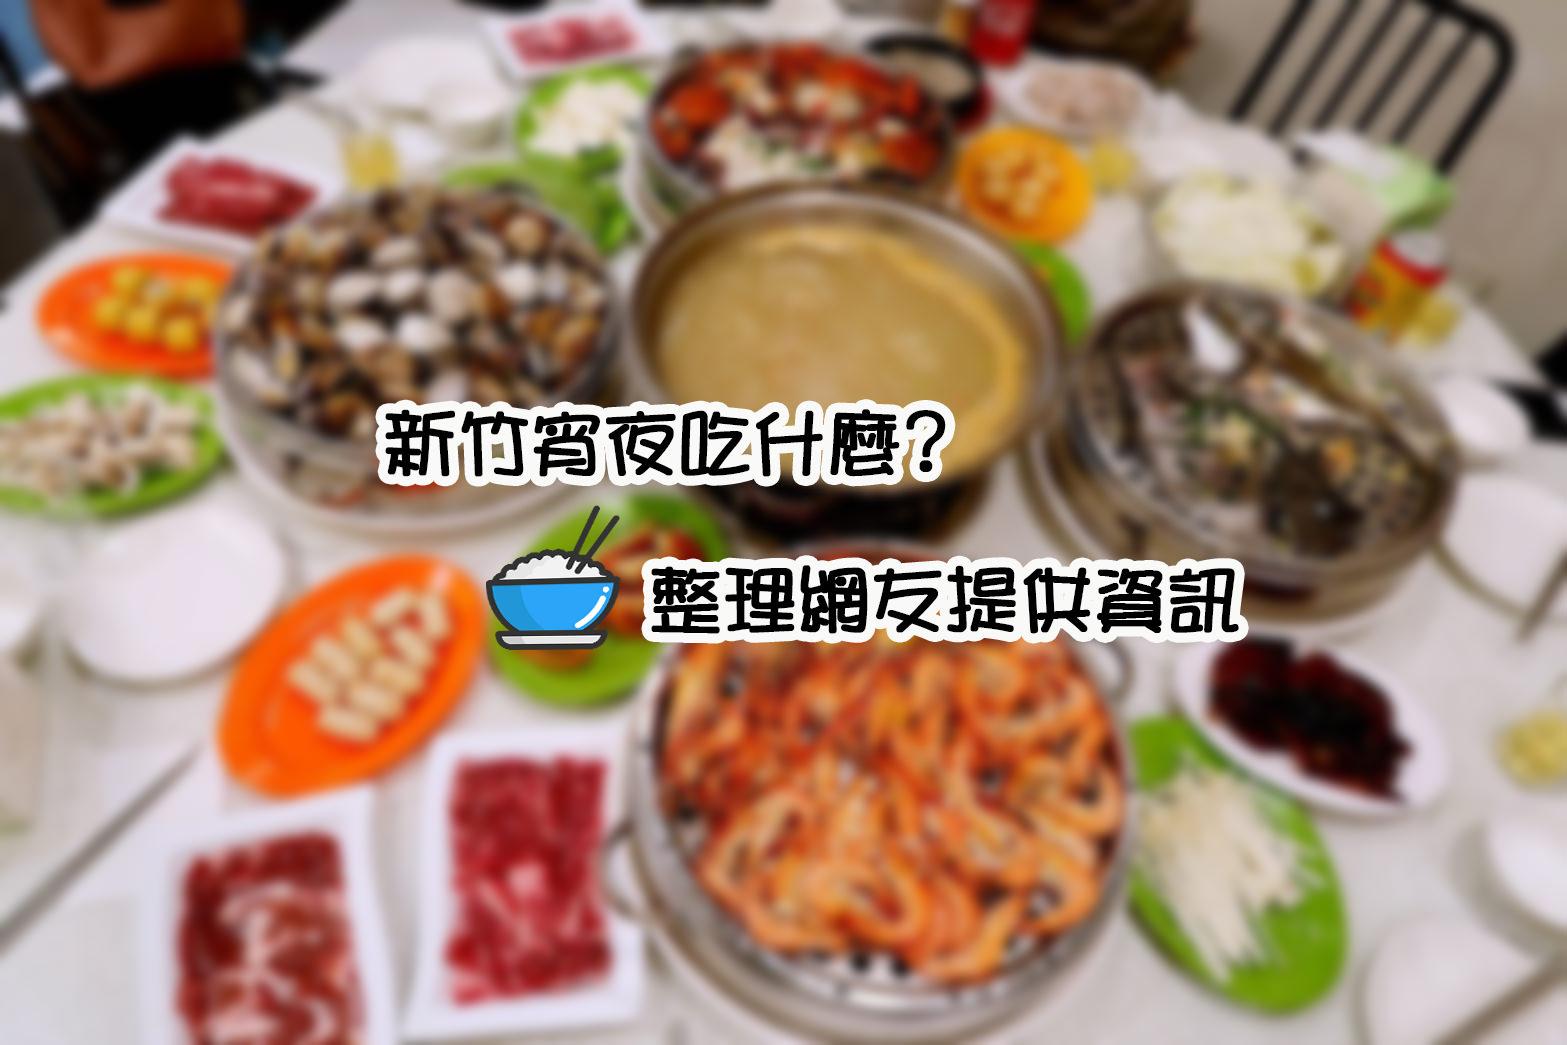 新竹宵夜吃什麼?半夜肚子餓請看這篇消夜大集合(持續更新)